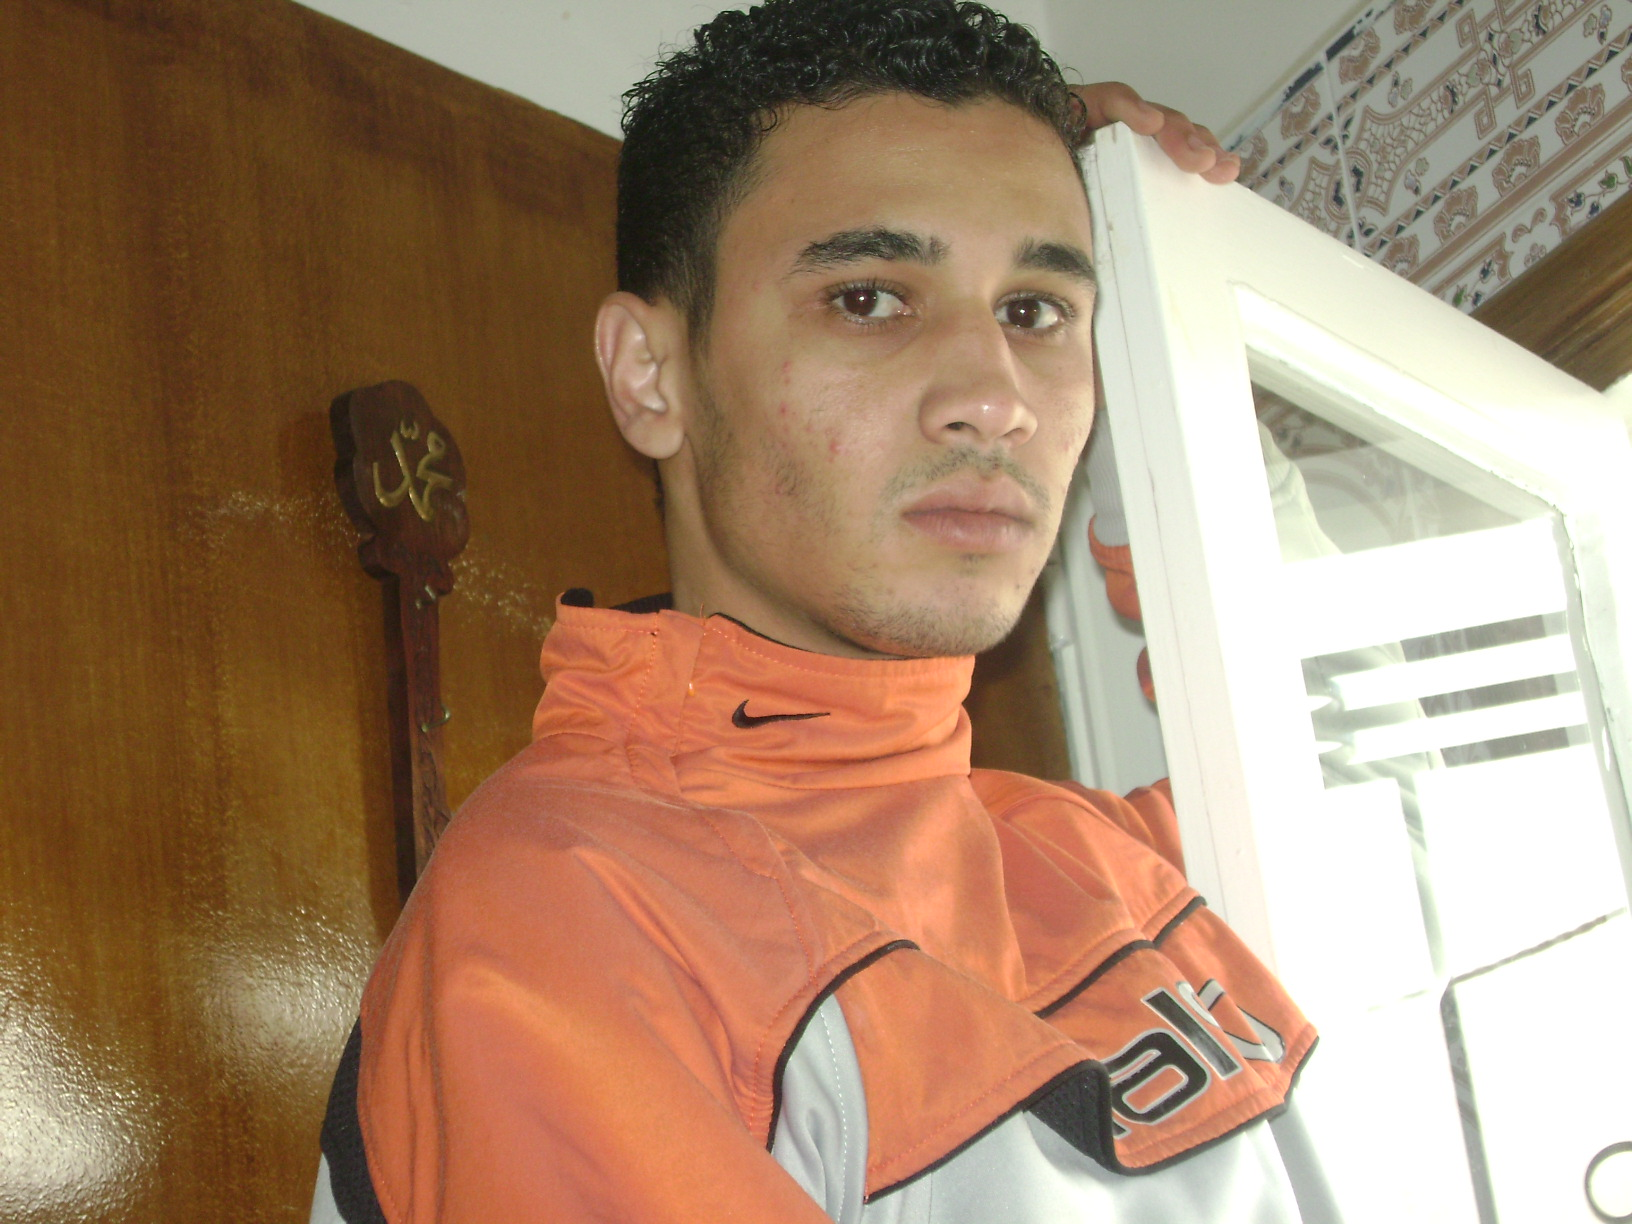 je suis marocaines et je veux travayer si vous veux et je suis pouvré